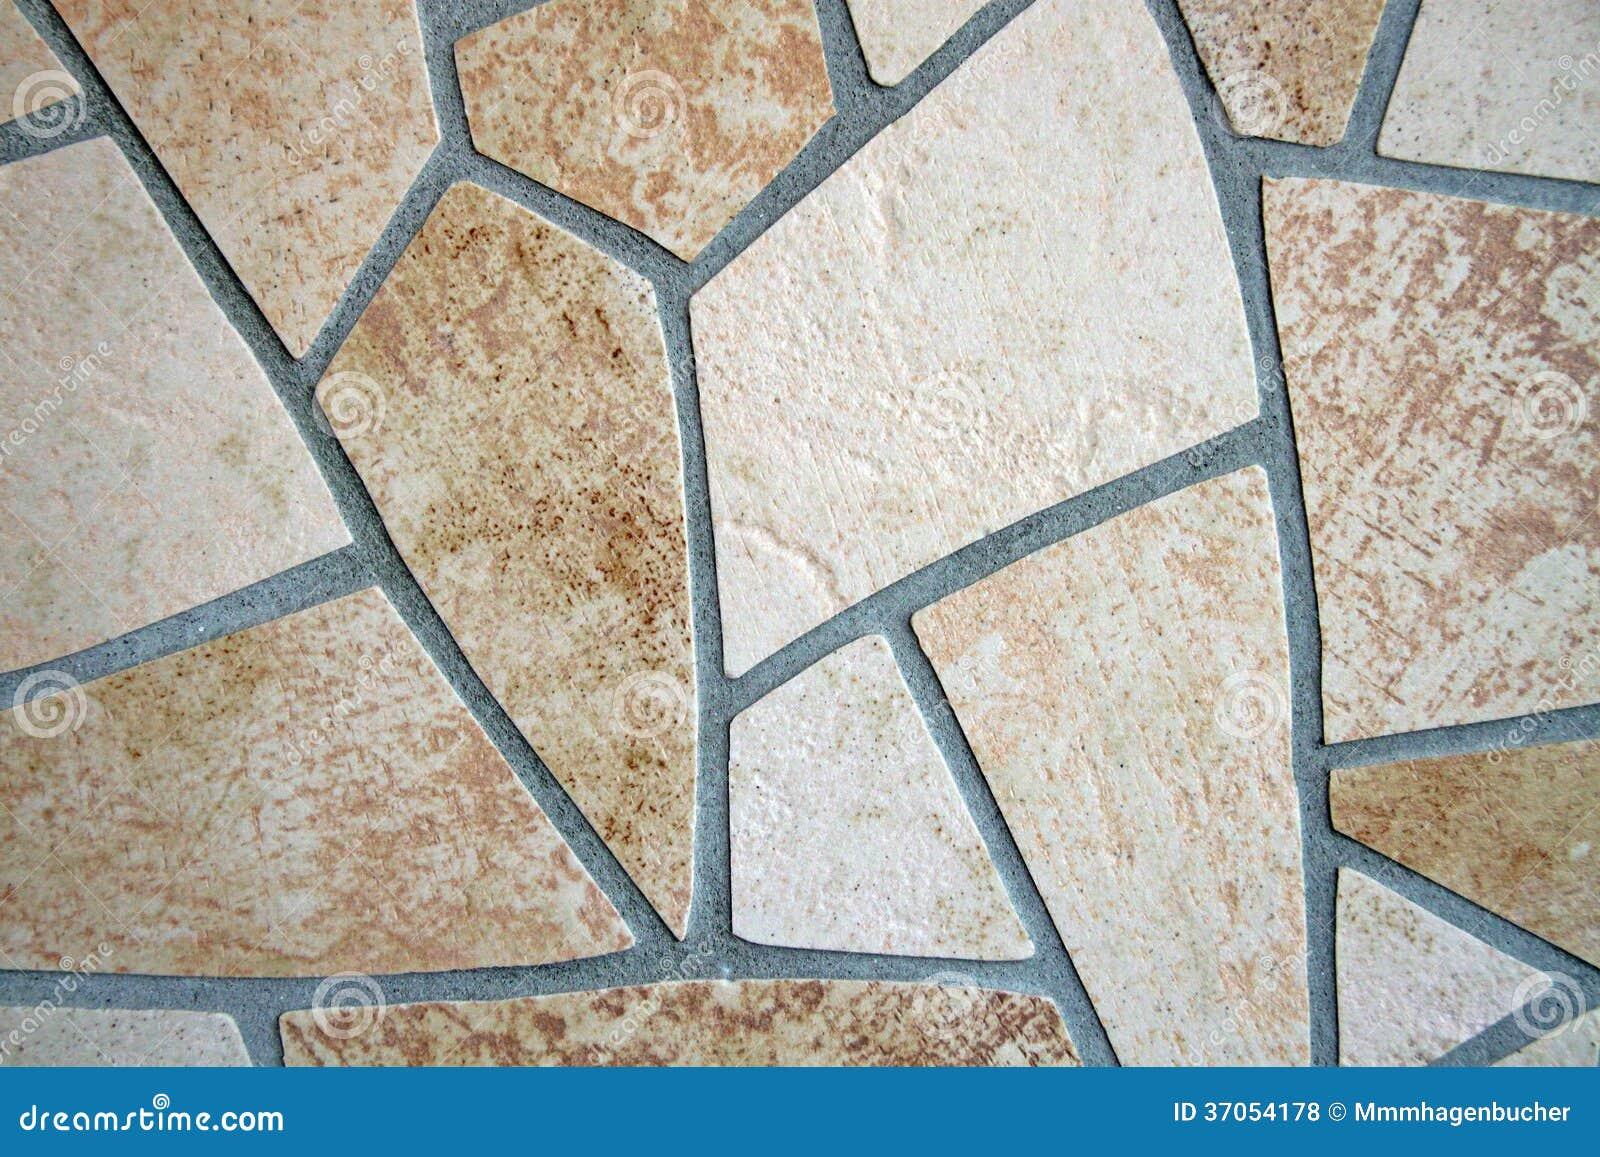 Mosaico delle piastrelle per pavimento fotografia stock immagine